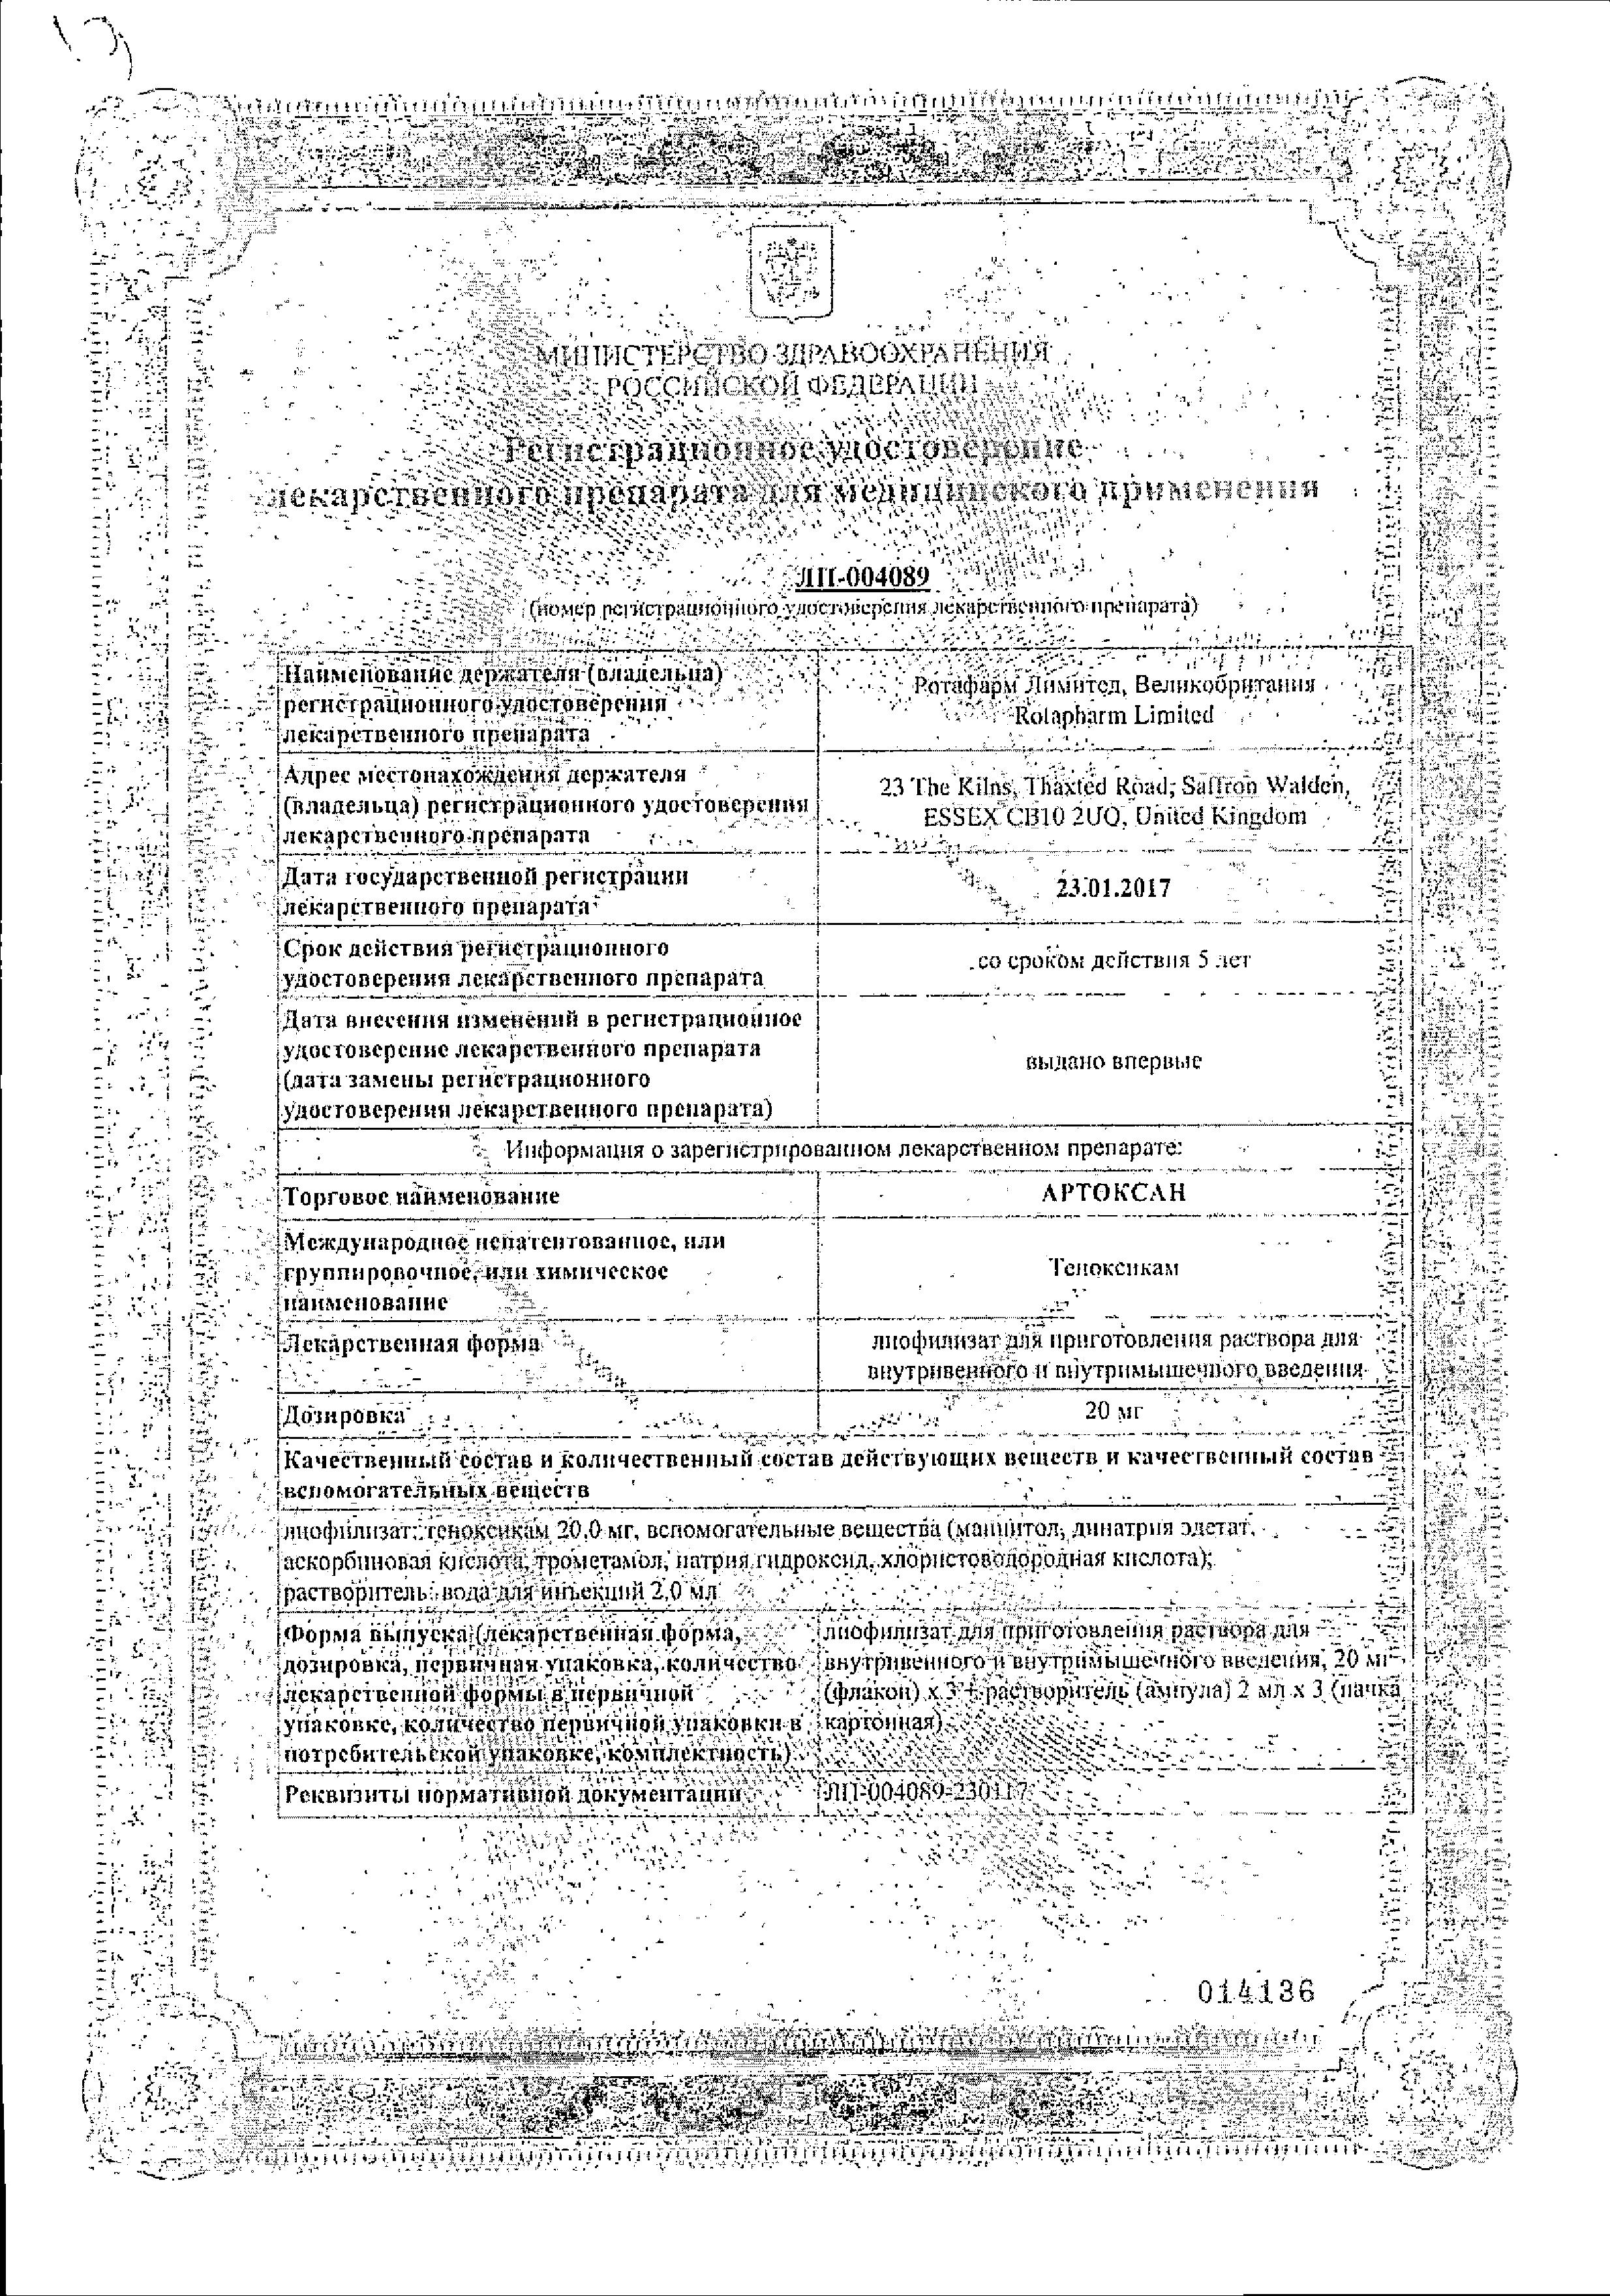 Артоксан сертификат